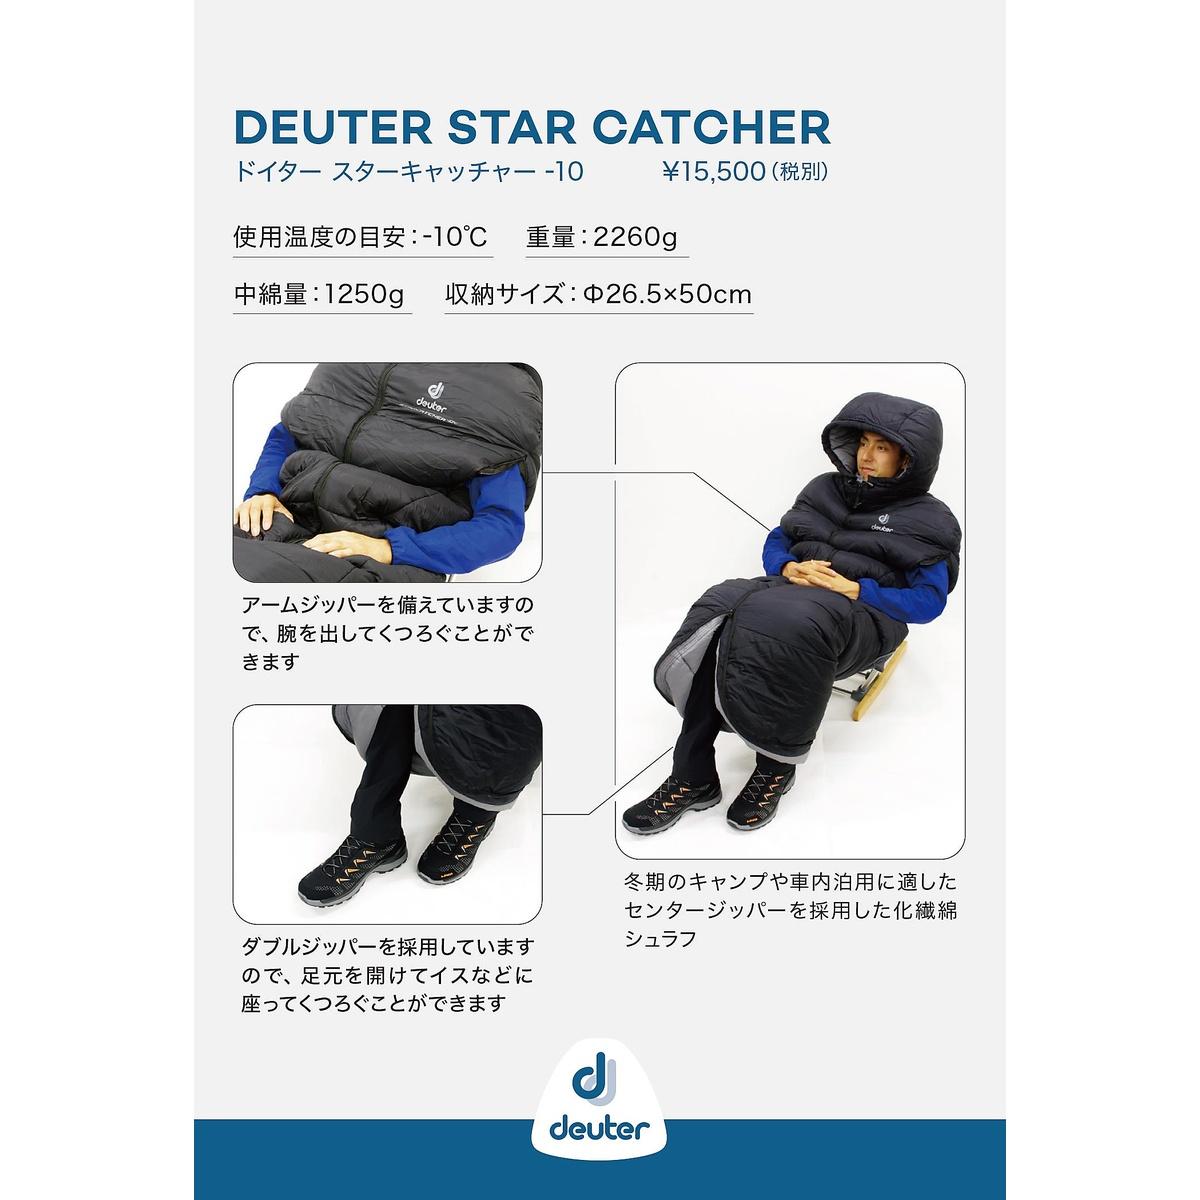 【送料無料】 キャンプ用品 スリーピングバッグ 寝袋 マミー型 スターキャッチャー -10° ブラック系 DS4900015-7000